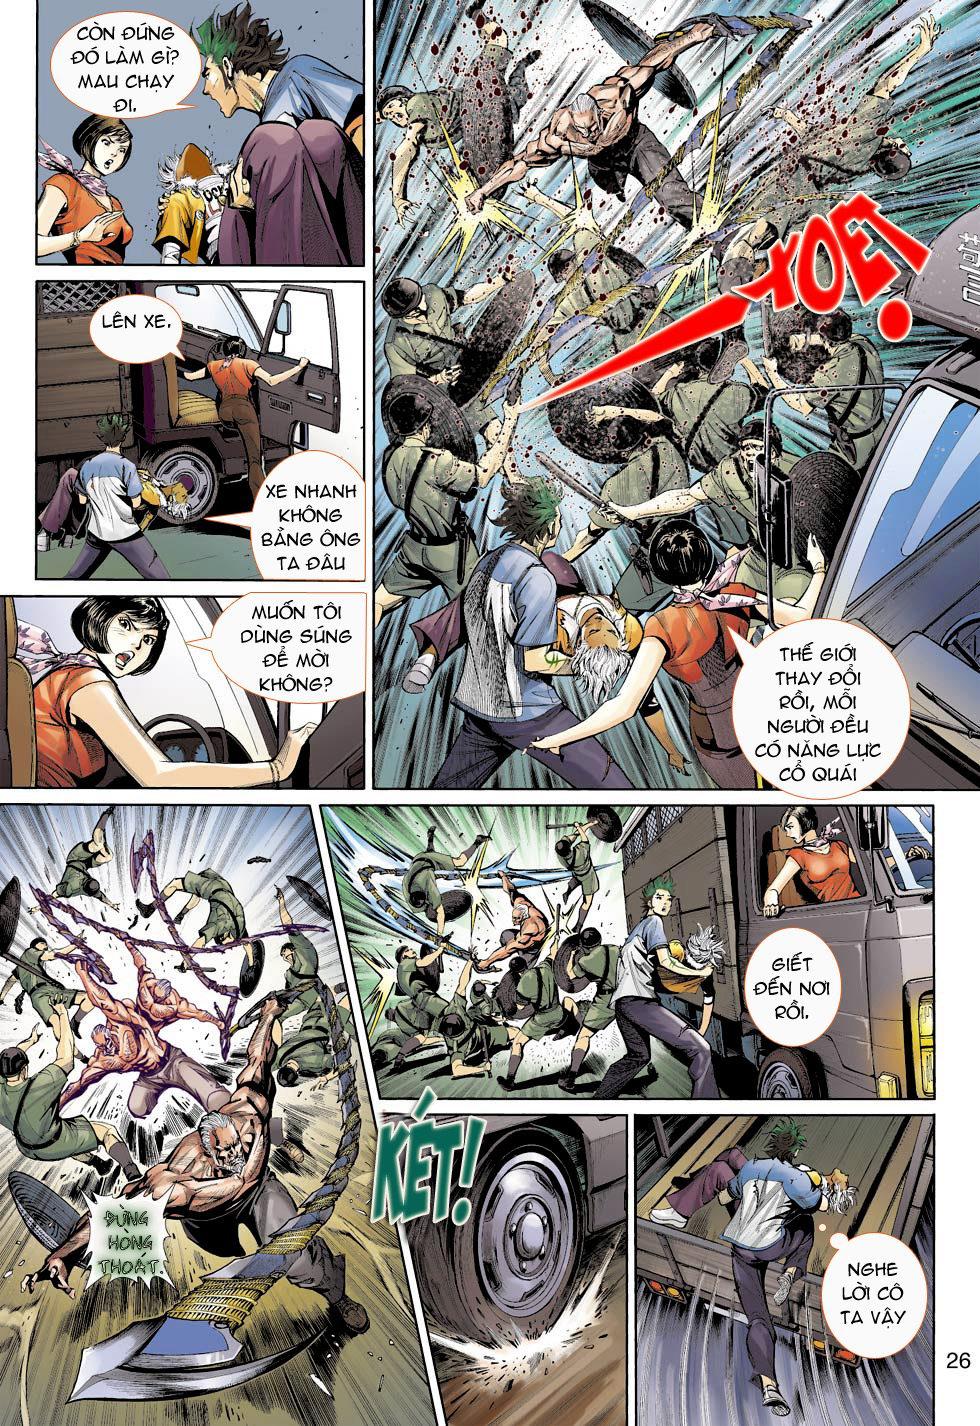 Thần Binh 4 chap 16 - Trang 26